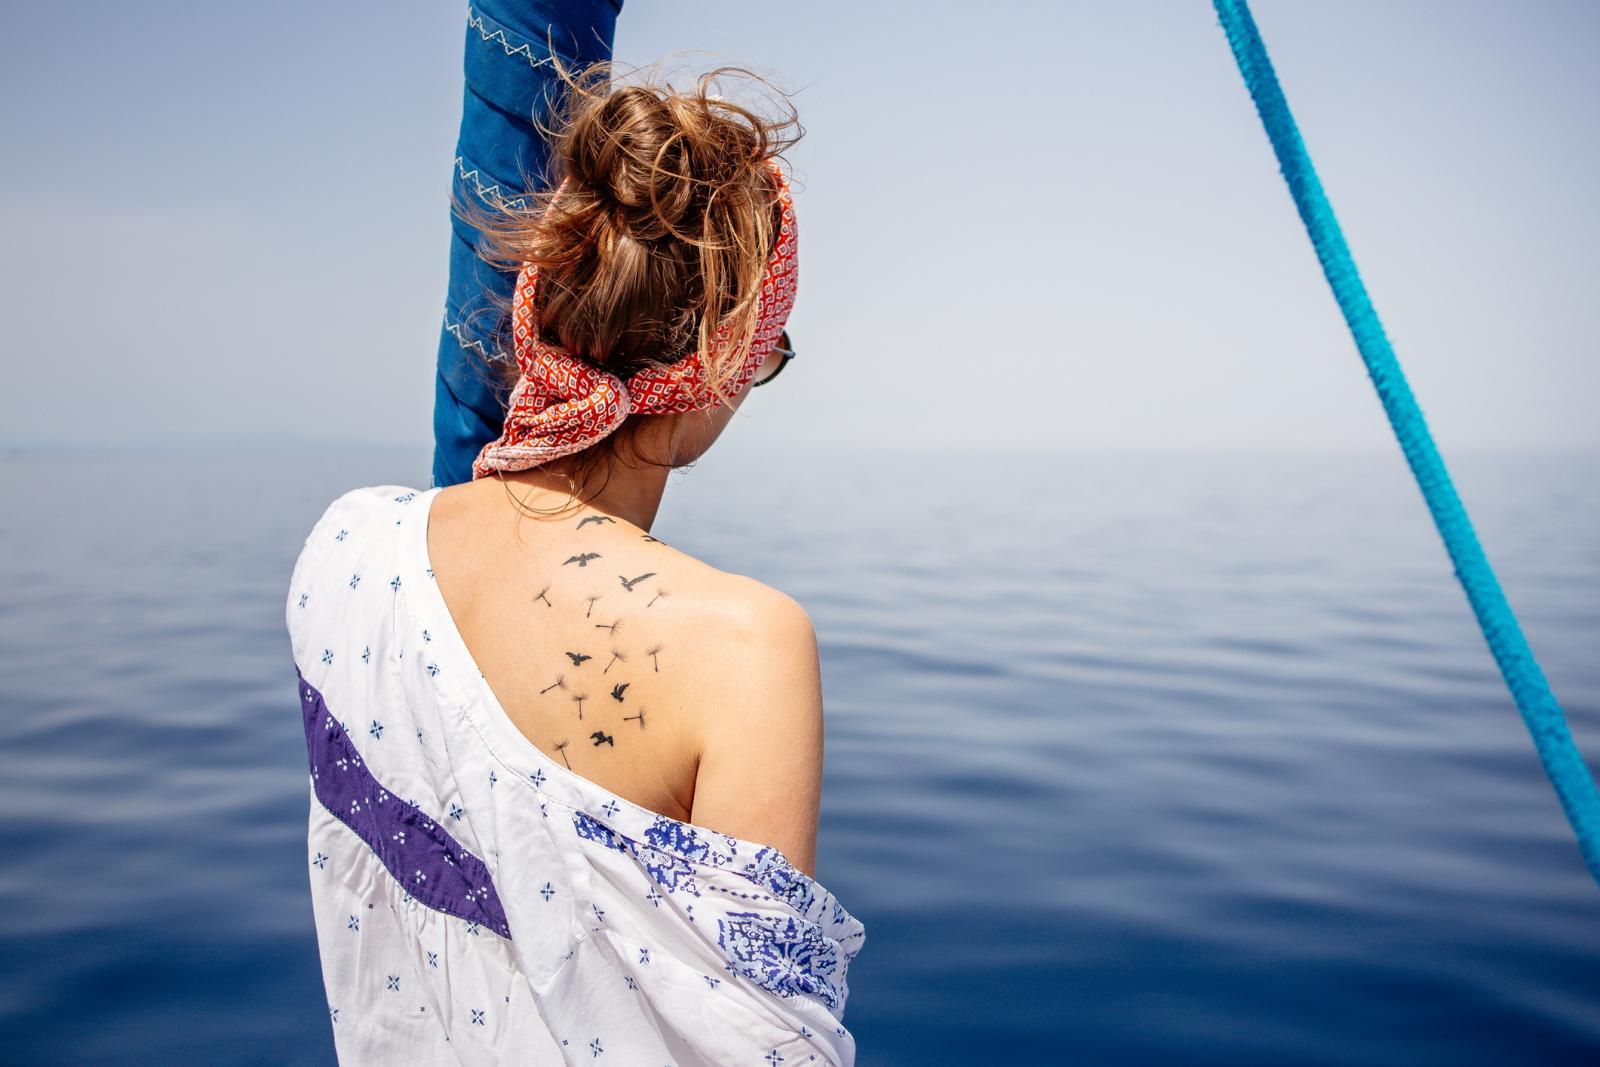 Dok god je rana svježa, treba izbjegavati kupanje u jezeru, rijeci, bazenu, pa čak i u moru.